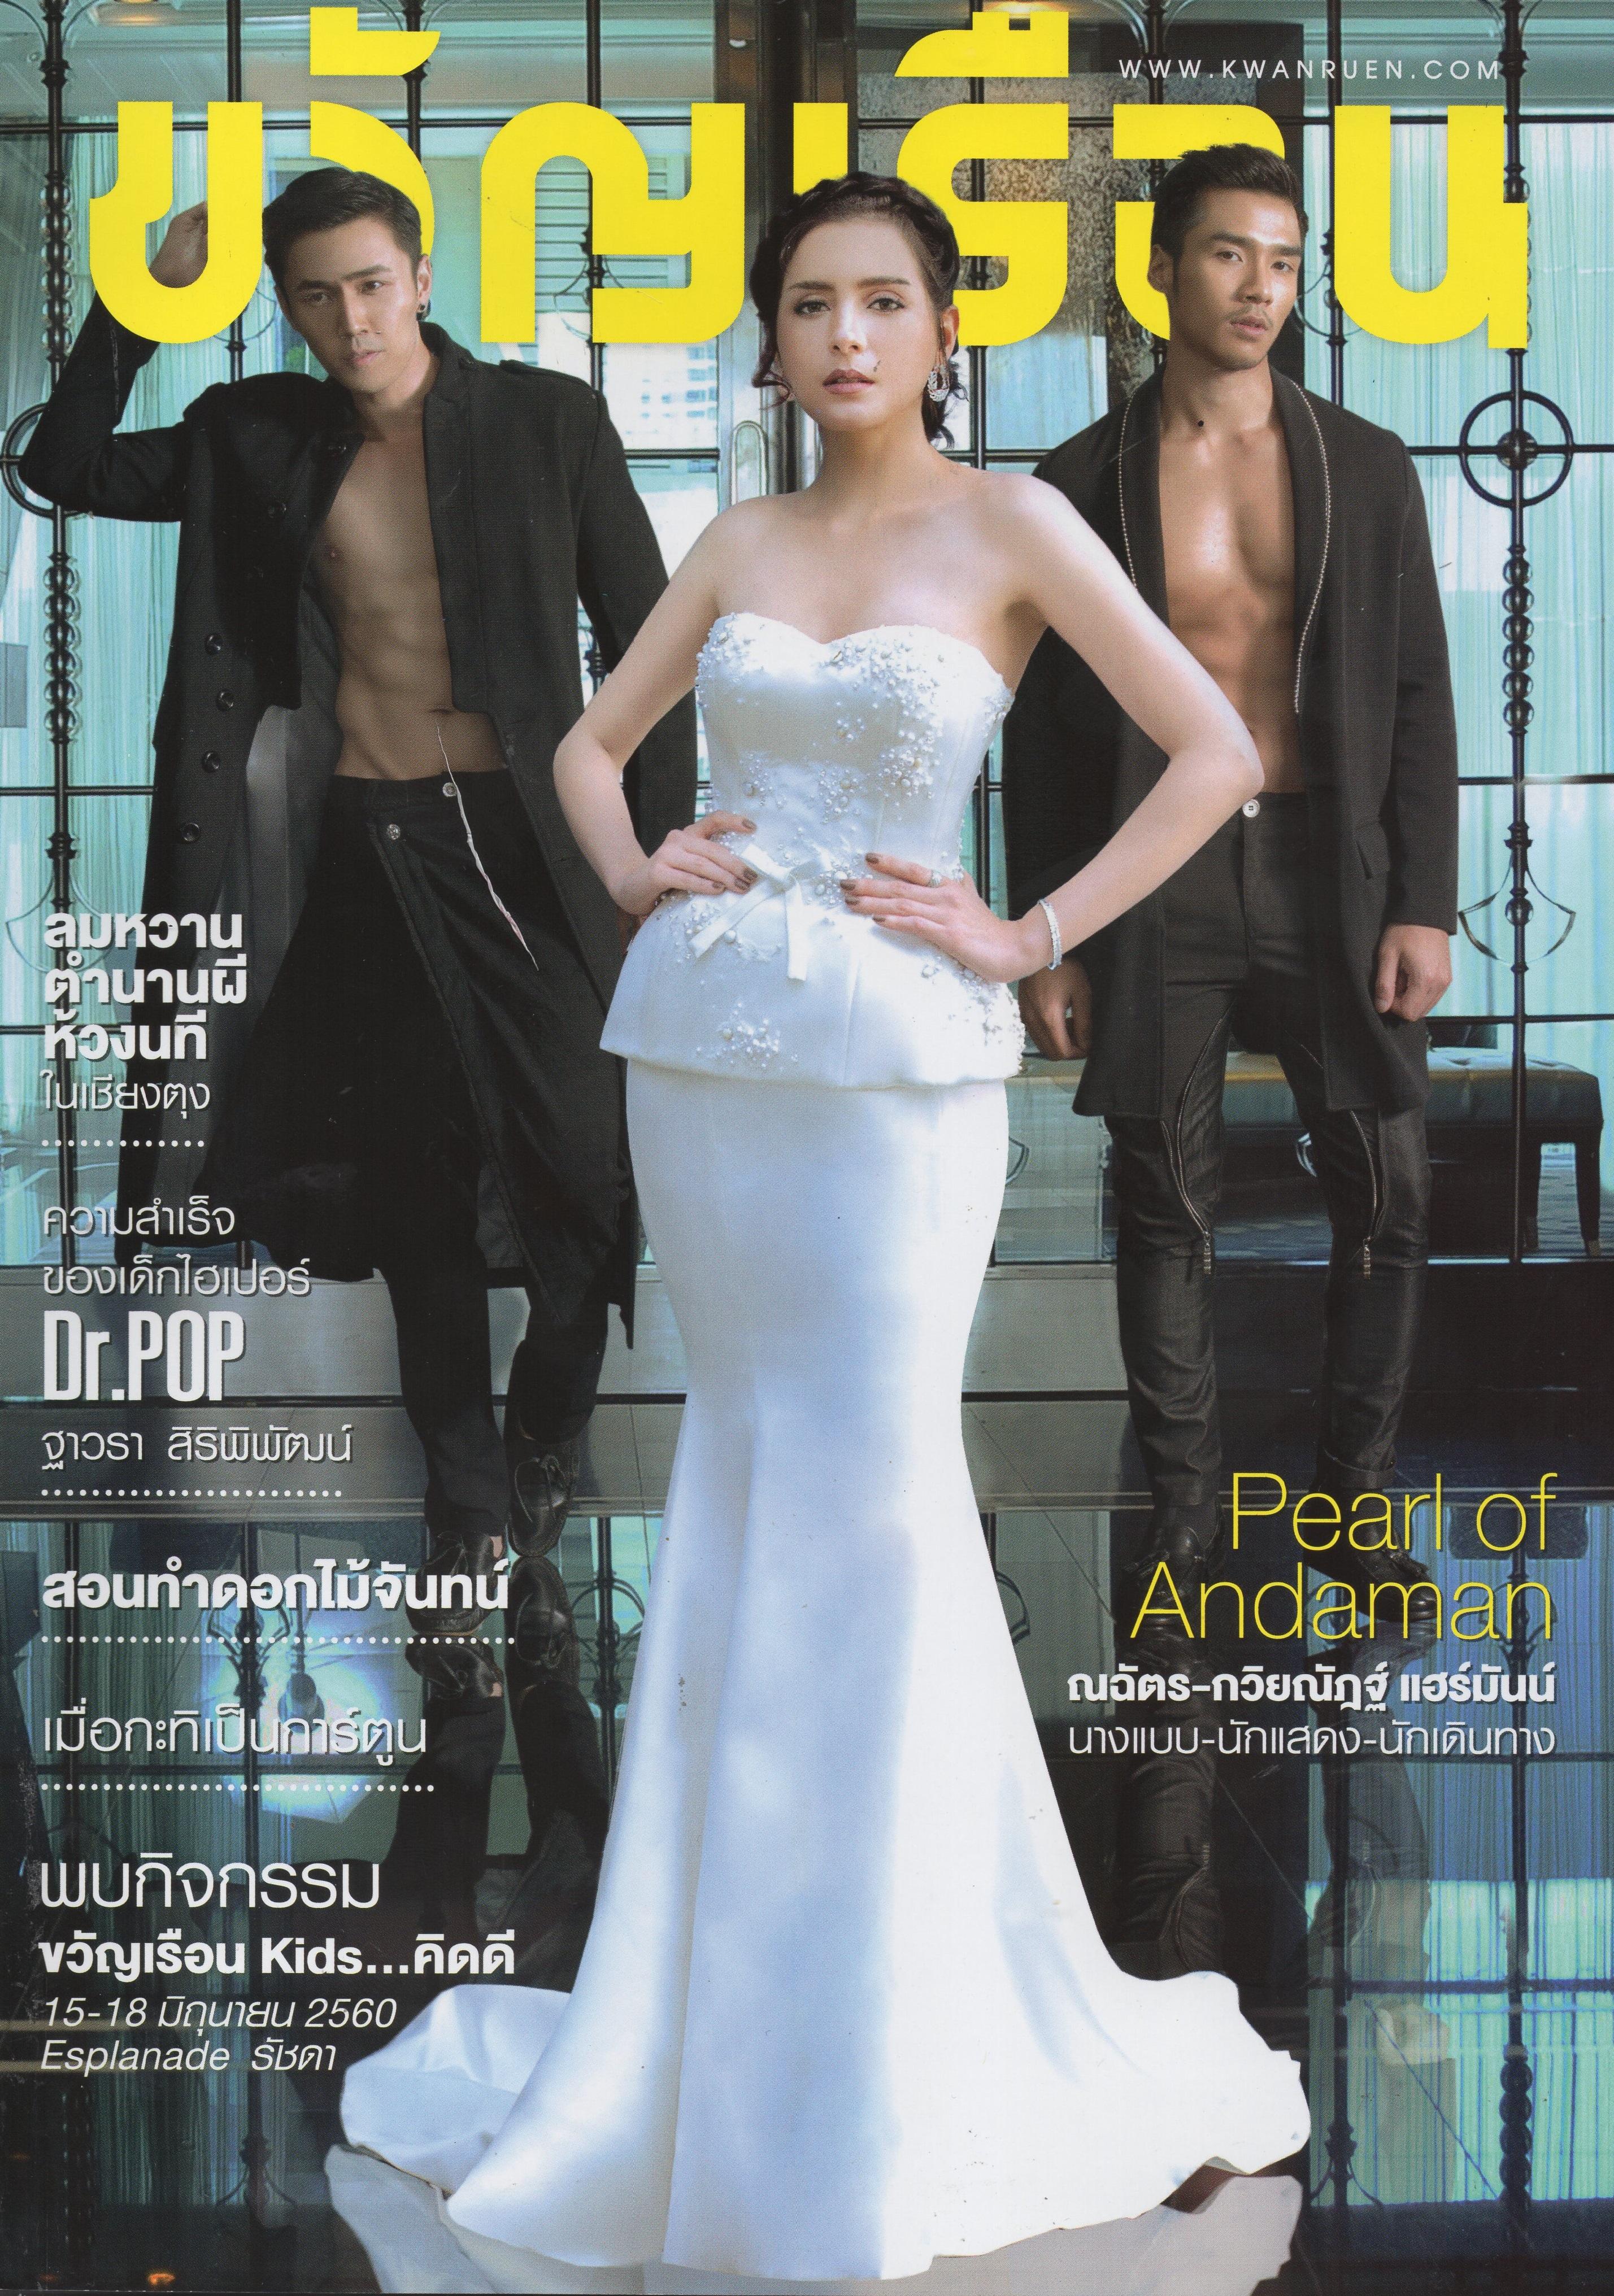 แนะนำวารสารใหม่ ประจำเดือนมิถุนายน 2560 ครั้งที่ 1